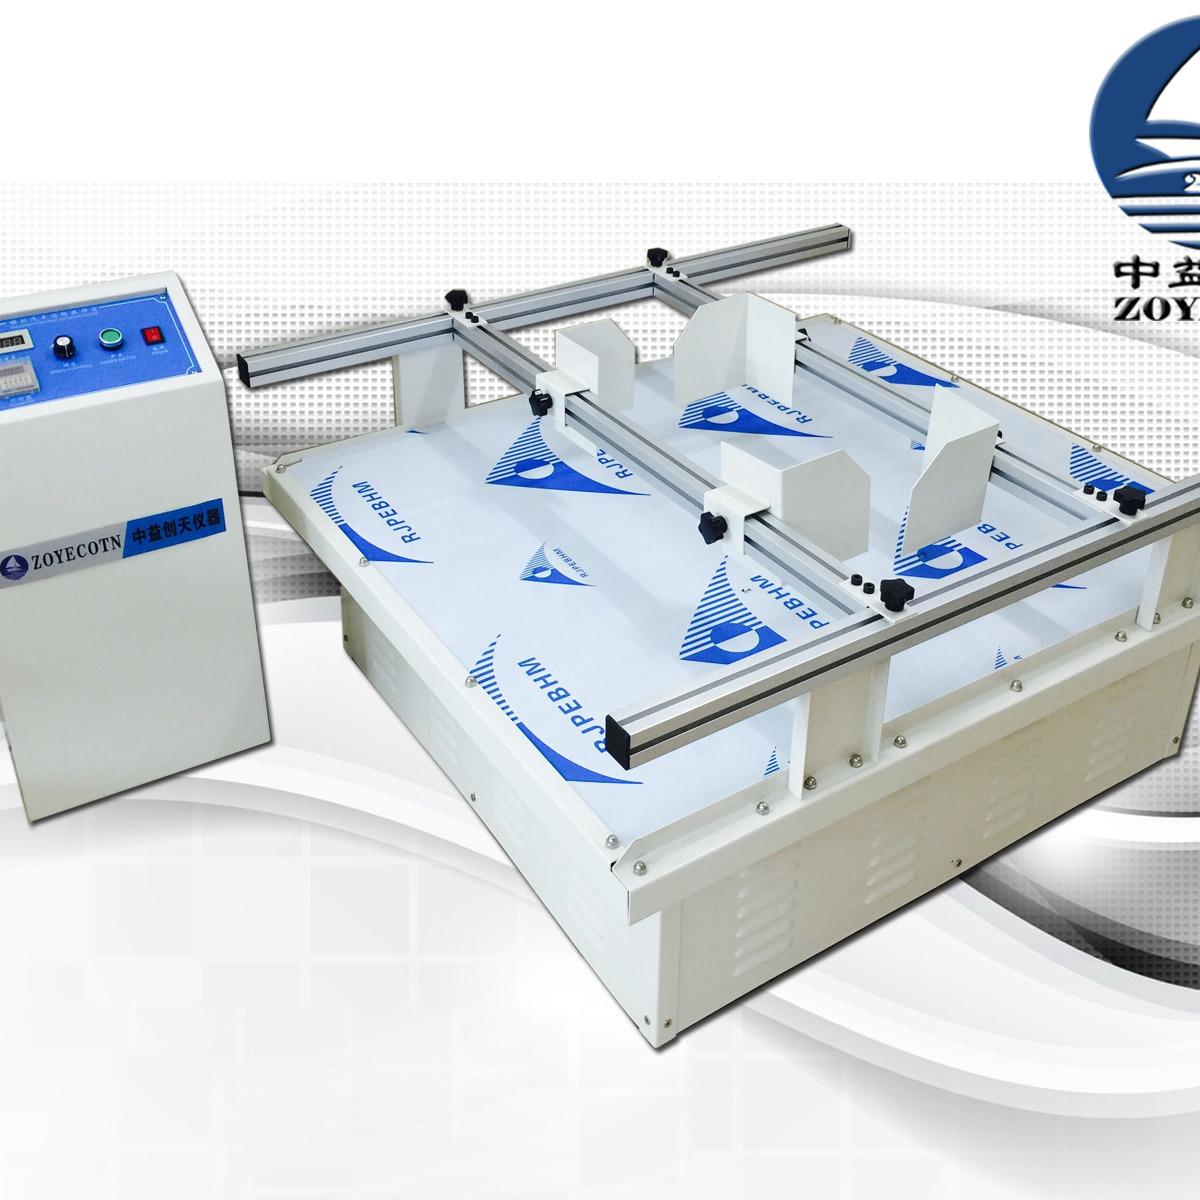 电磁式振动台 电磁式振动台 模拟环境震动试验仪东莞